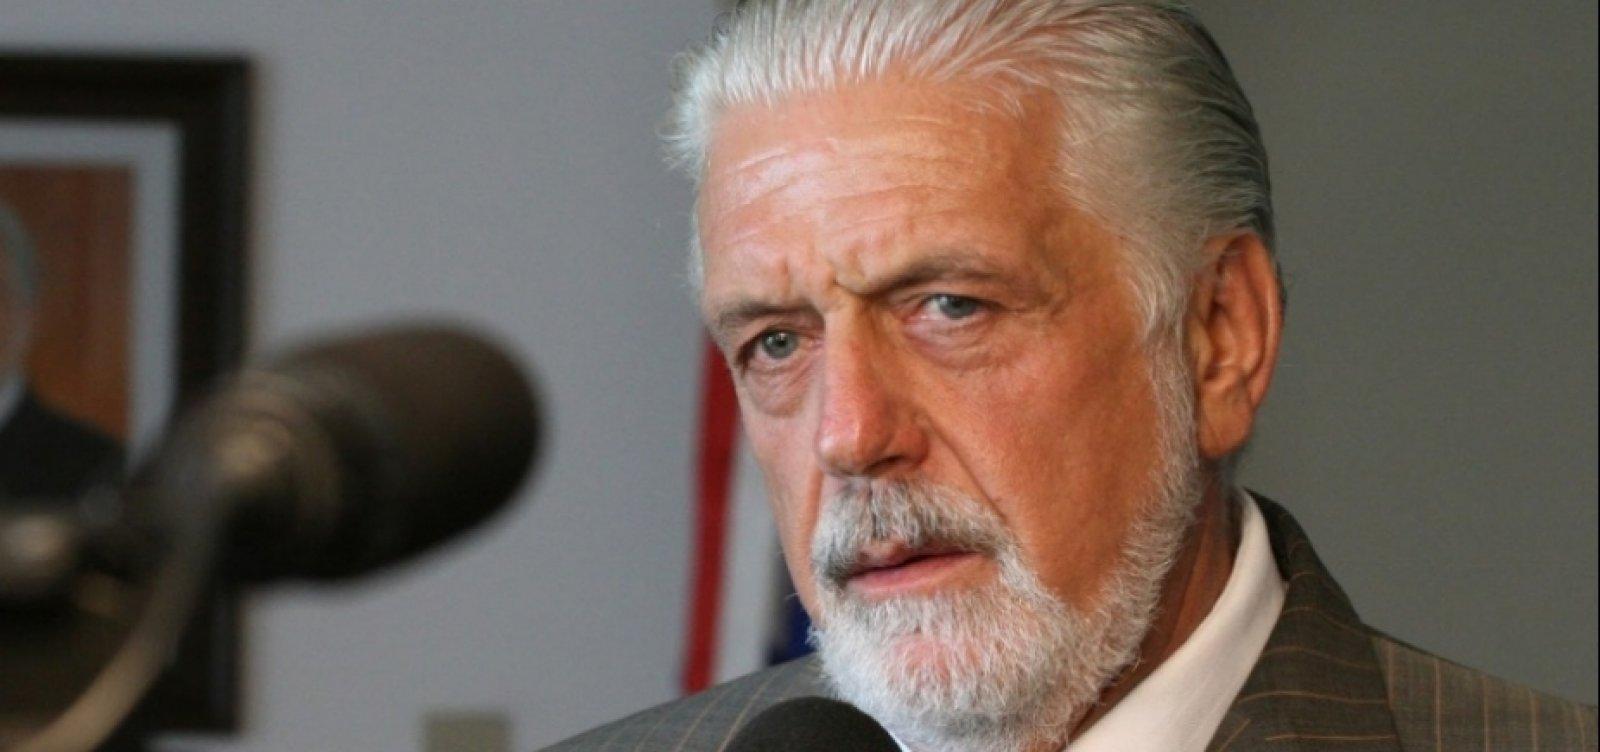 Wagnerenxerga candidaturasde Roma e Neto alinhadas ao campo conservador